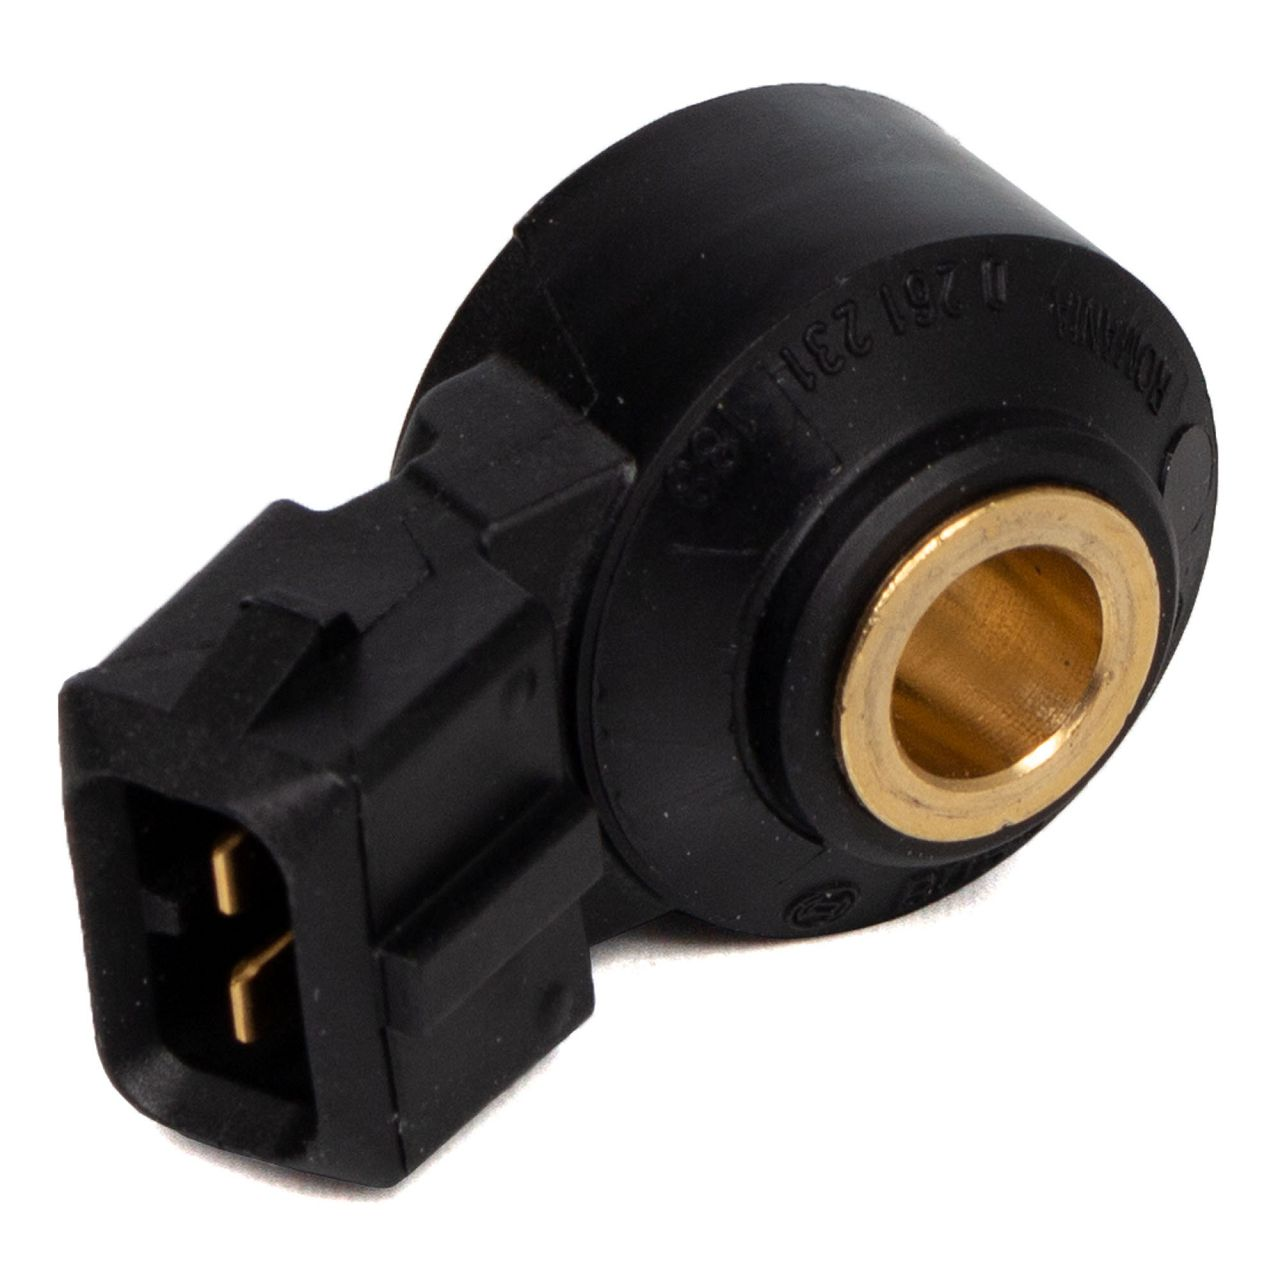 BOSCH Klopfsensor 0261231188 für MERCEDES W168 W169 W245 W202 W203 W204 C204